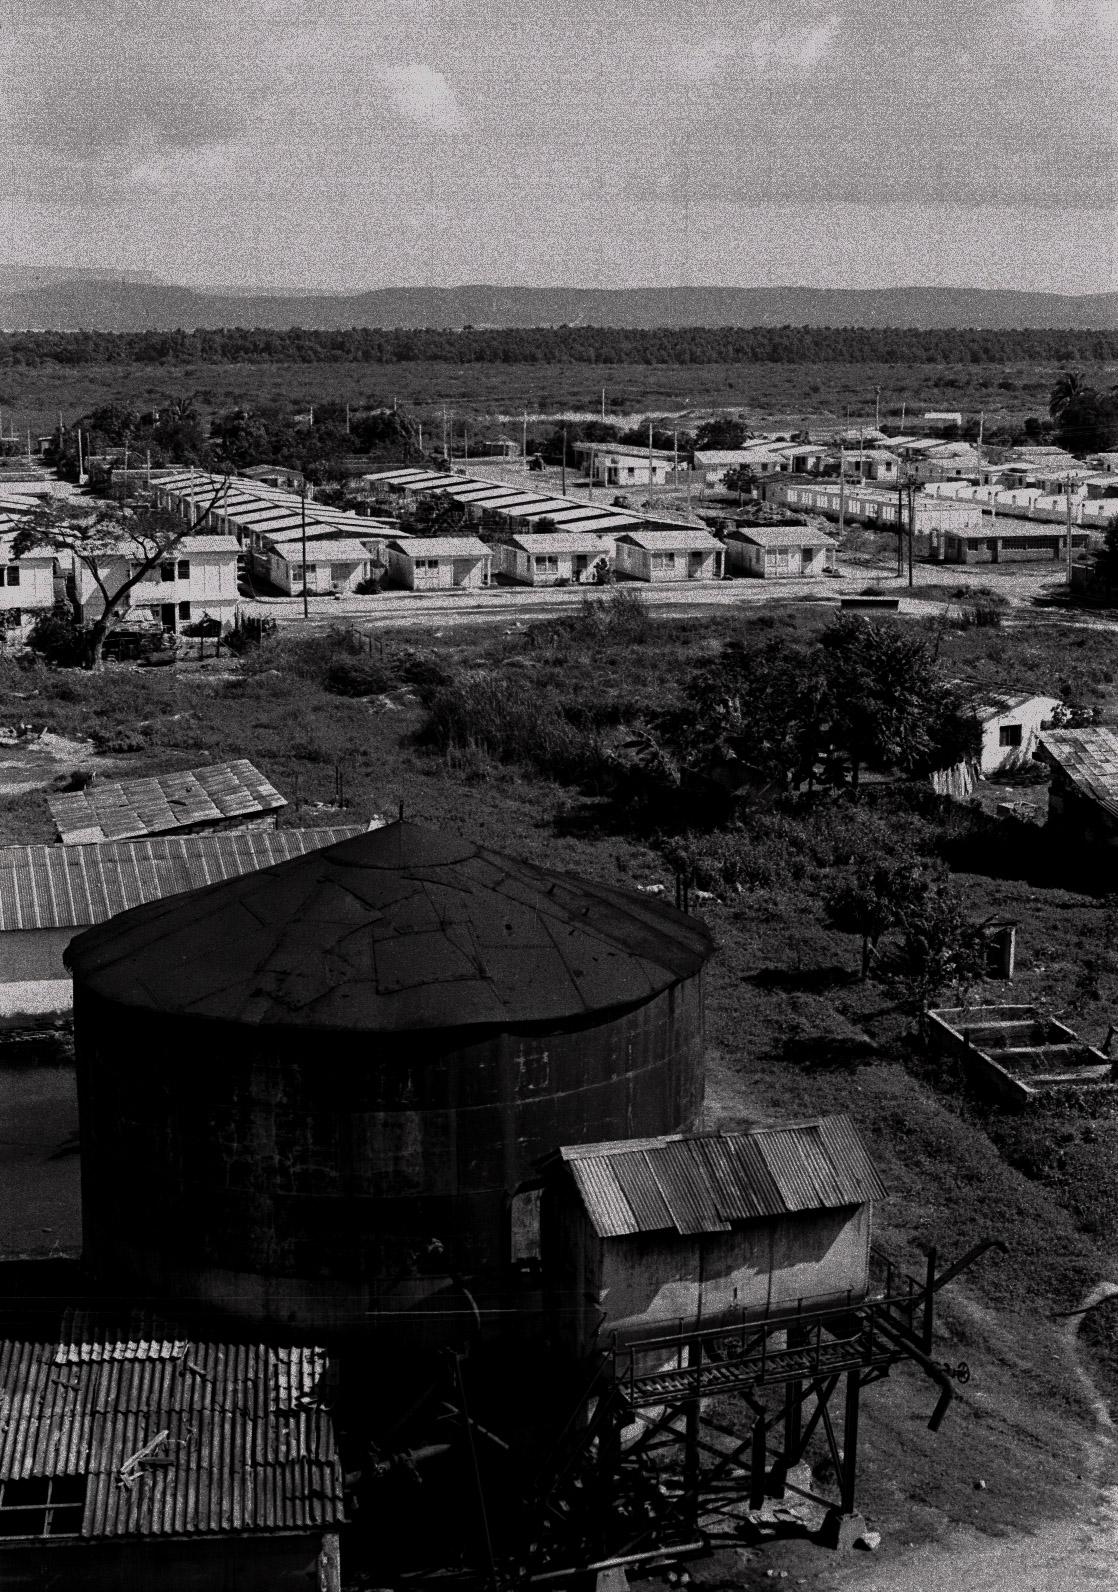 Vista aérea del Central Paraguay. Al fondo está la Base Naval de Guantánamo. El Central está en la segunda línea fronteriza con la Base. Las viviendas prefabricadas de los obreros sustituyeron los bohíos que a su vez habían desplazado a los barracones. (Foto: Alejandro Ramírez Anderson)